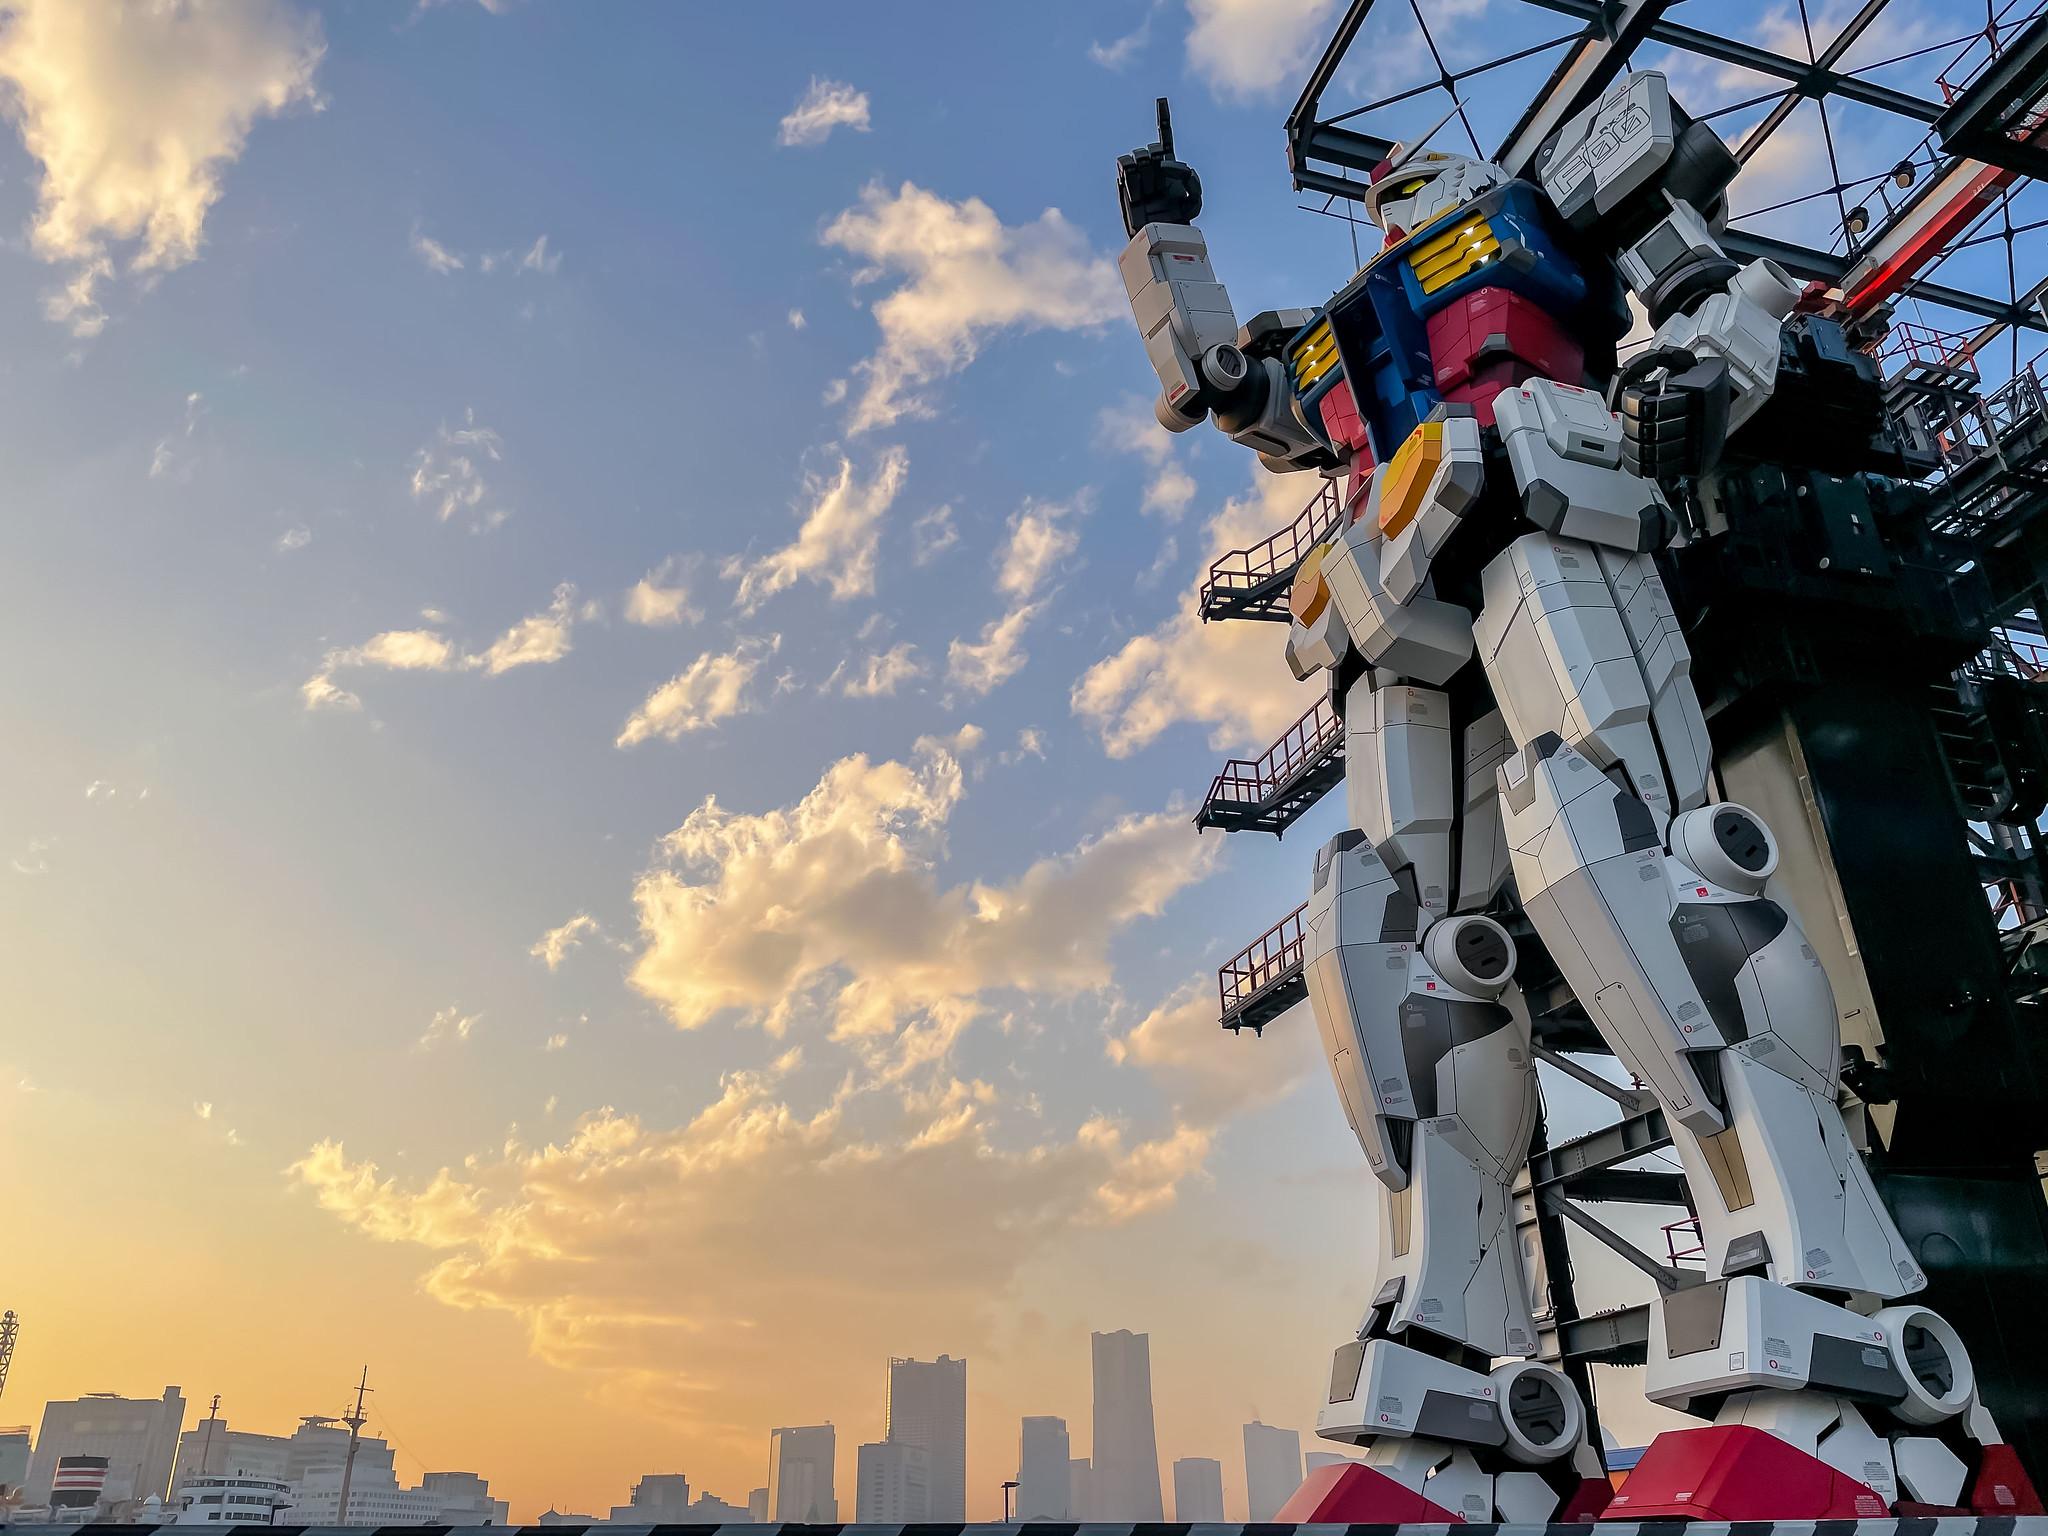 日本の夢と技術の結晶 動く実物大ガンダムを体験してきました GUNDAM FACTORY YOKOHAMA